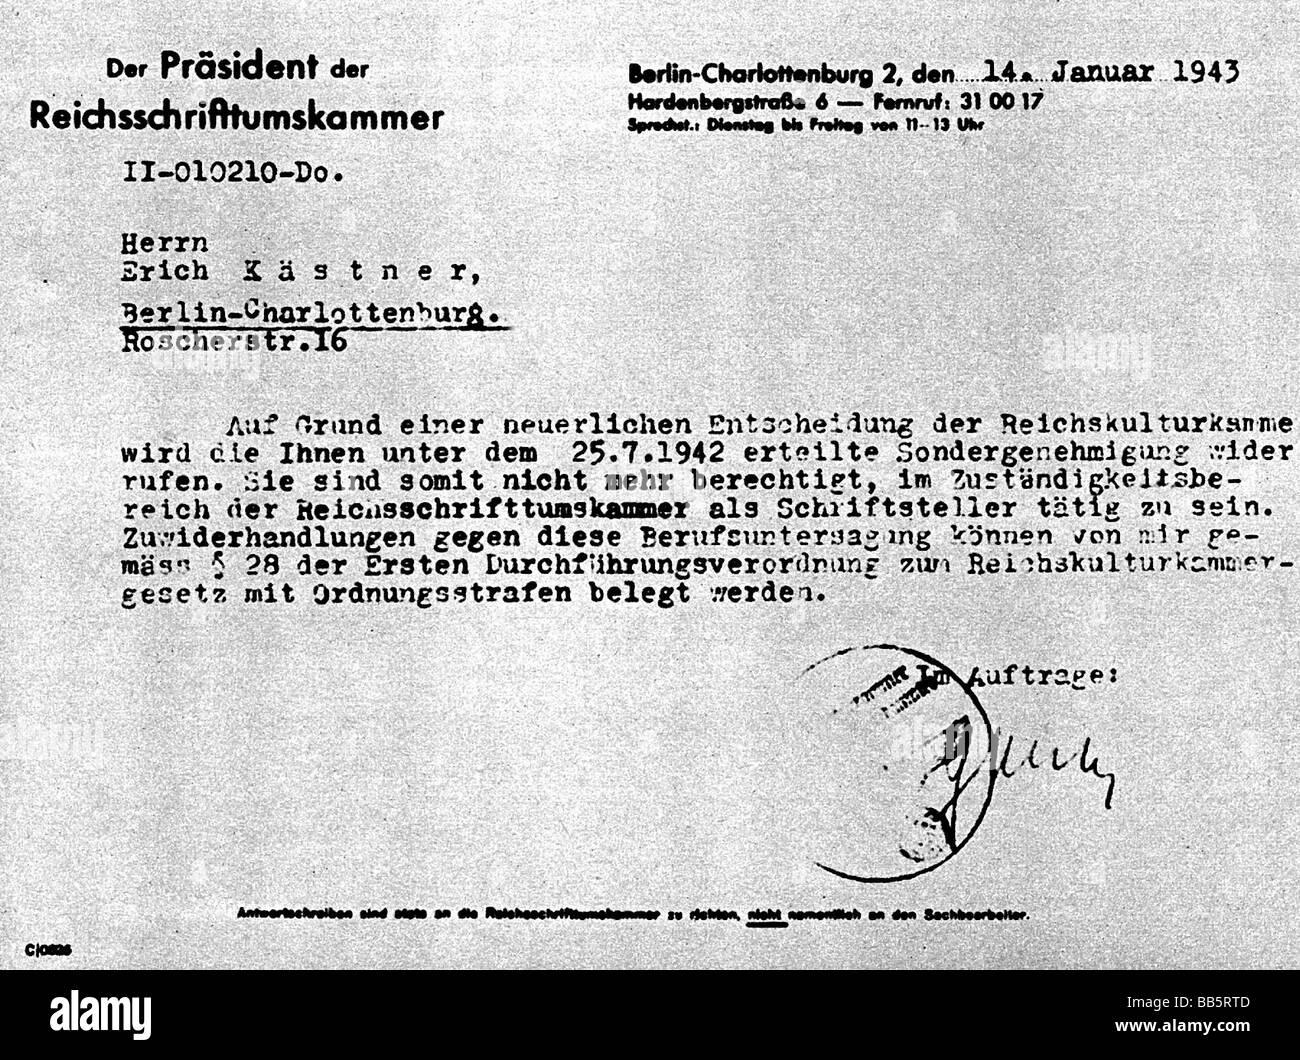 Kaestner, Erich, 23.2.1899 - 29.7.1974, deutscher Autor/Verfasser, Verbot von Schreiben, Berlin, 14.1.1943, Additional Stockbild